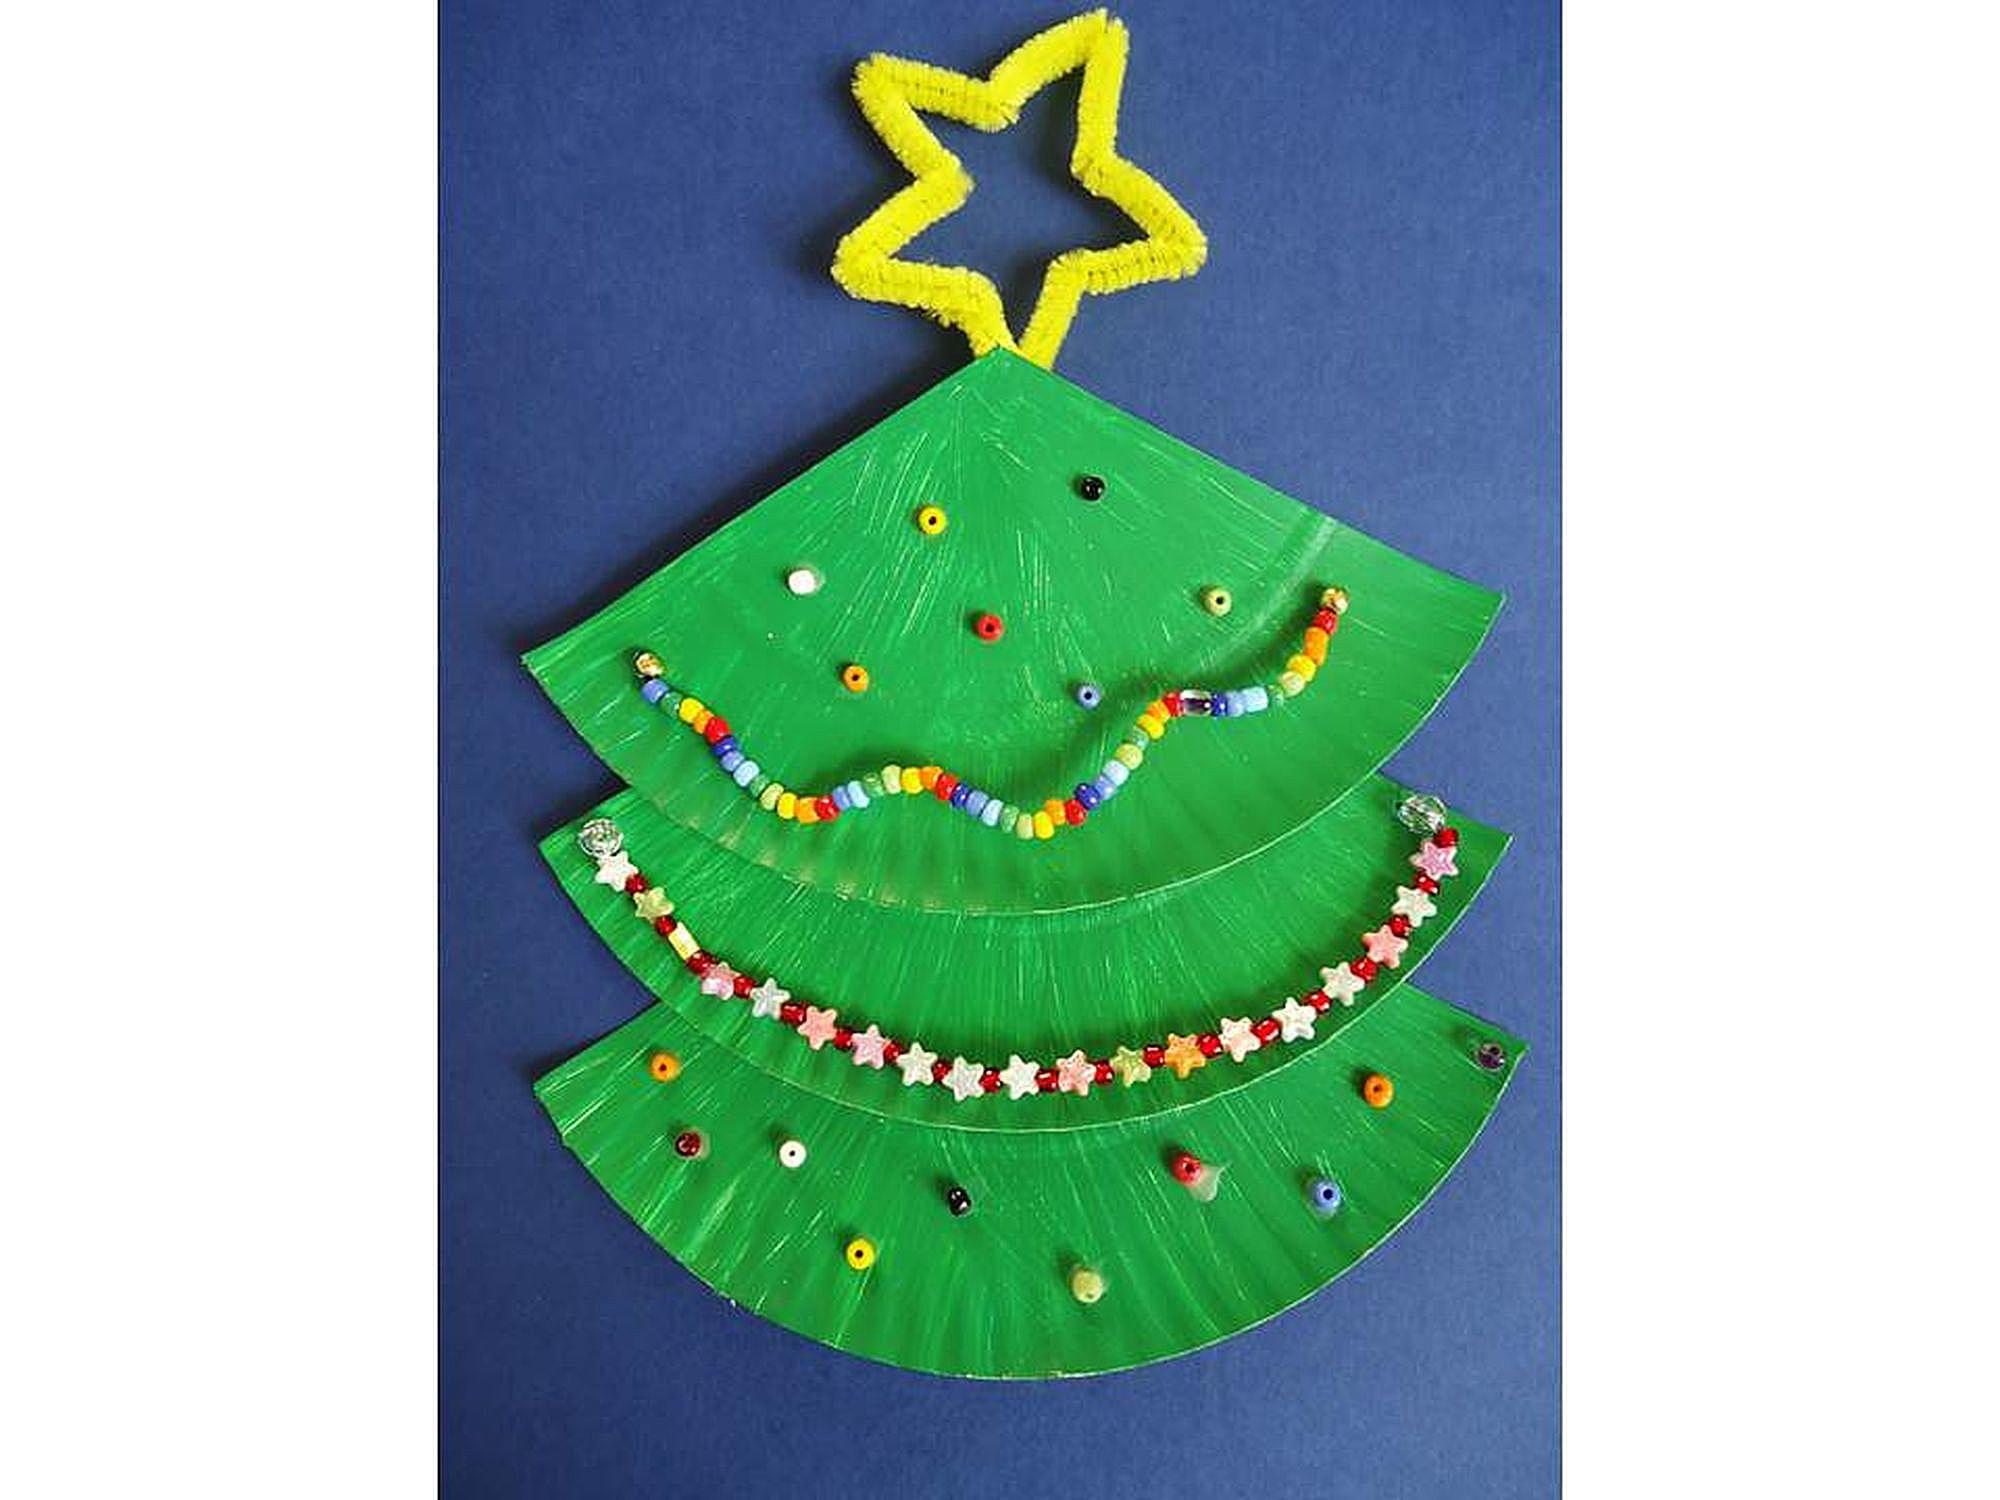 Como Decorar Campanas Navidenas En Icopor.6 Adornos Para Navidad Con Platos Desechables